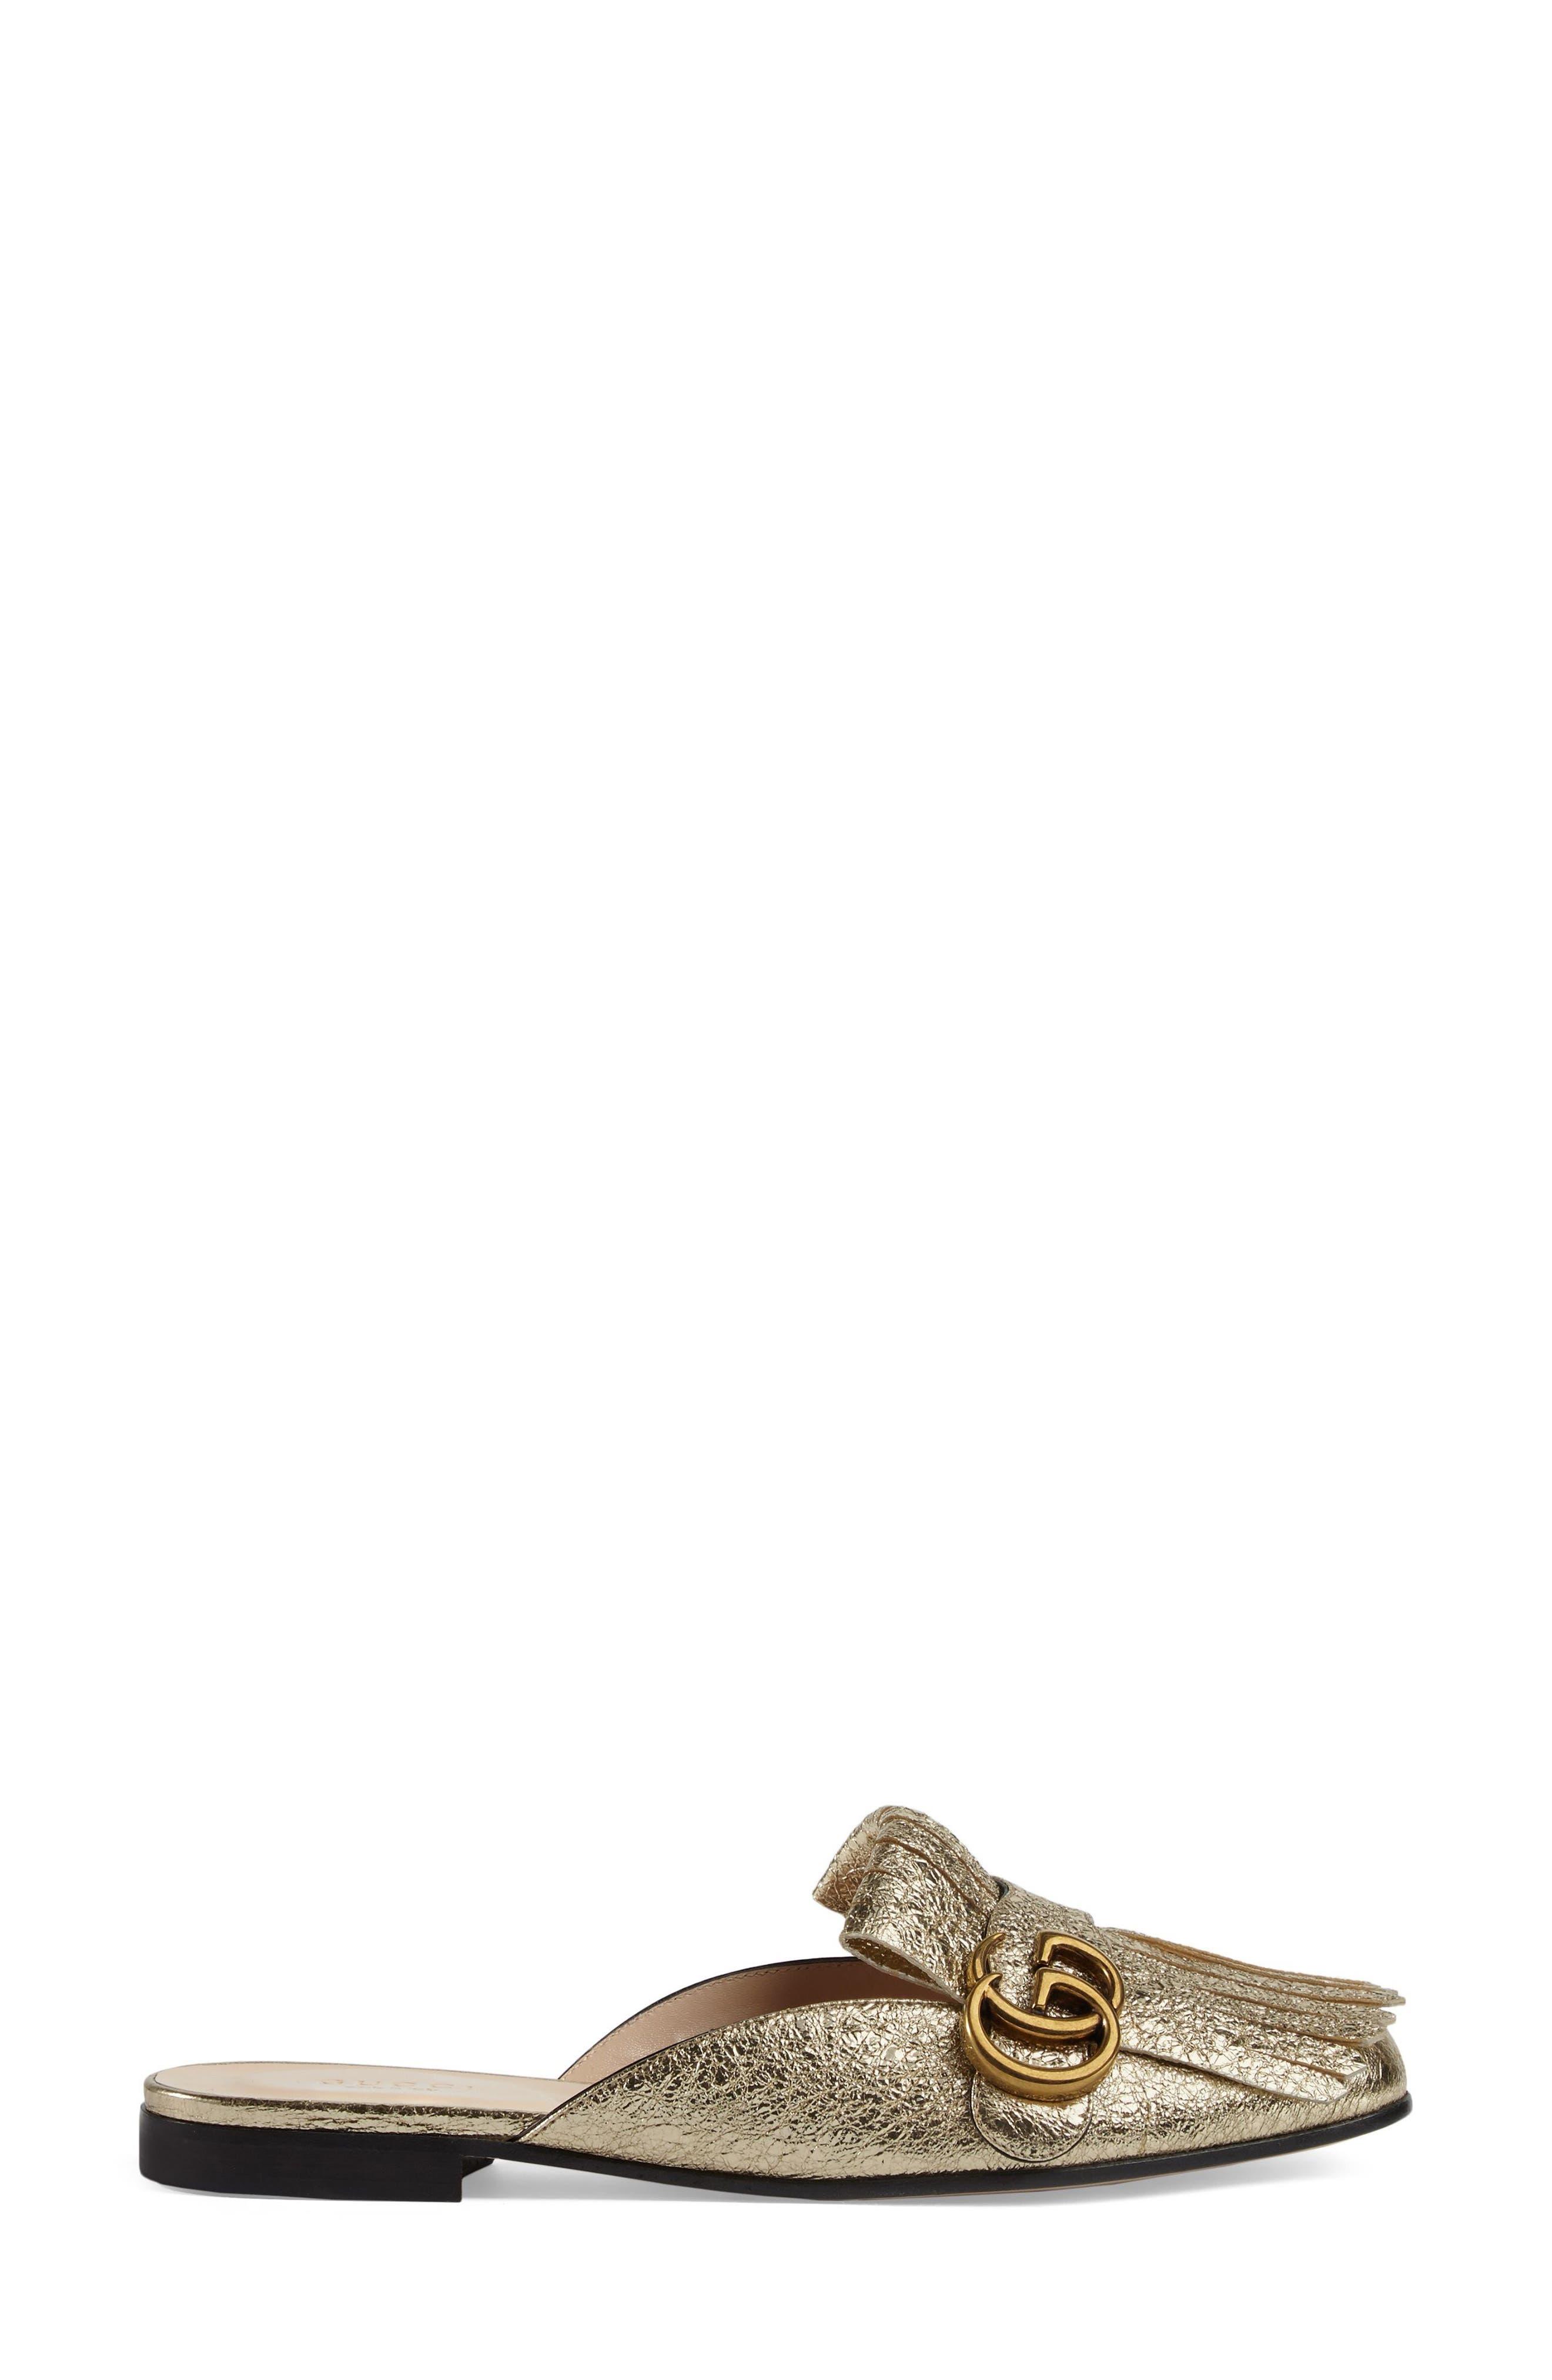 GUCCI GG Marmont Metallic Kiltie Mule, Main, color, METALLIC GOLD